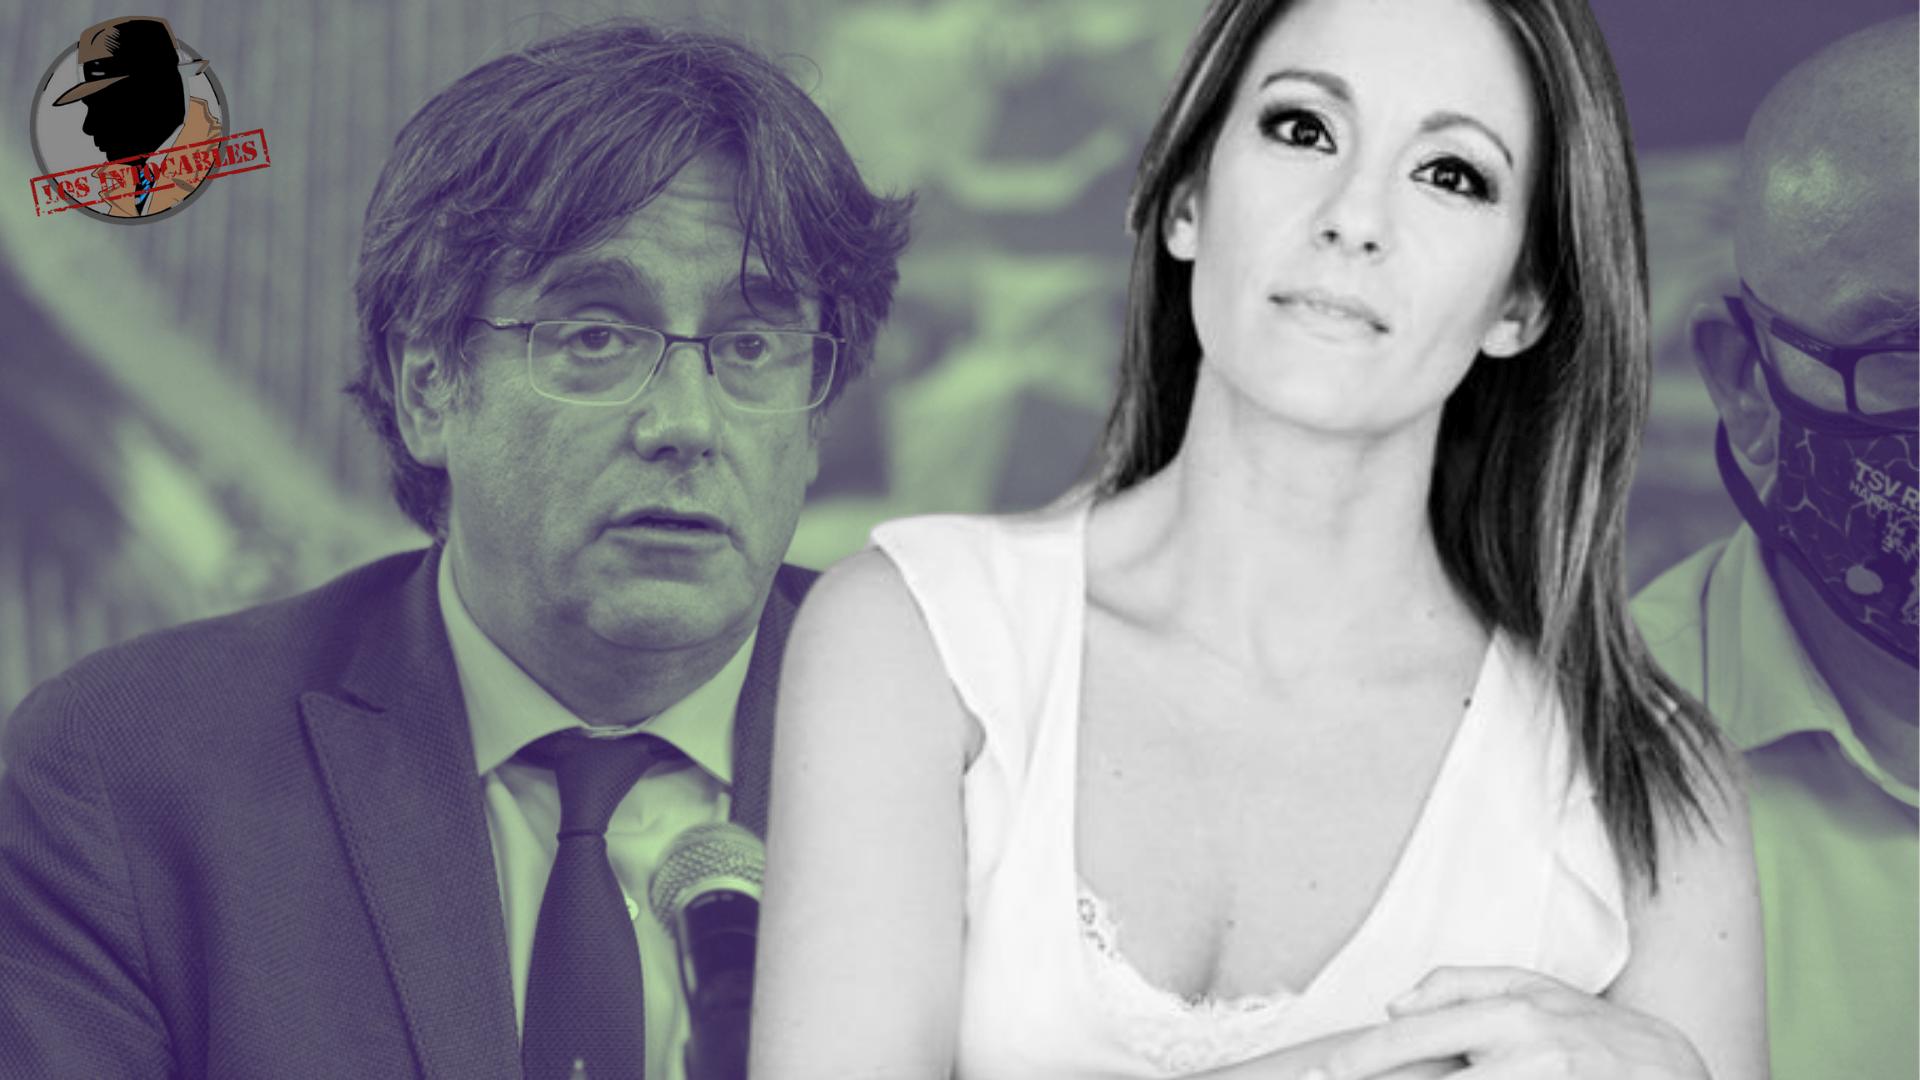 MARÍA JAMARDO: EUROPA SENTENCIA SU MUERTE AL COBIJAR AL GOLPISTA PUIGDEMONT